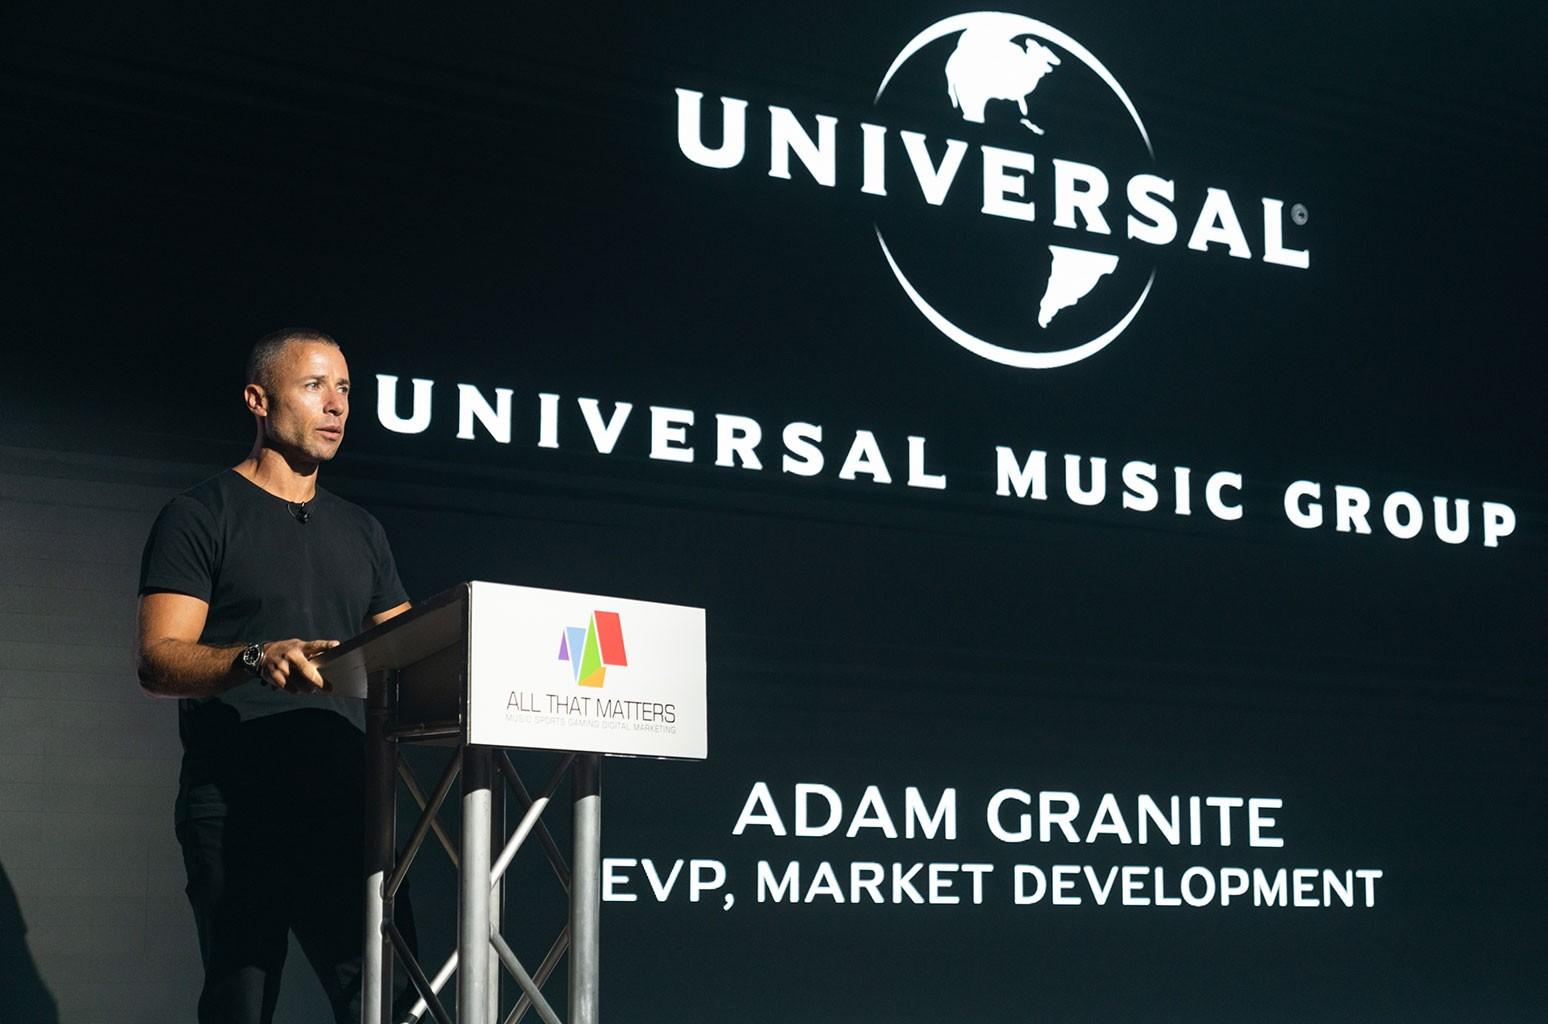 Adam Granite